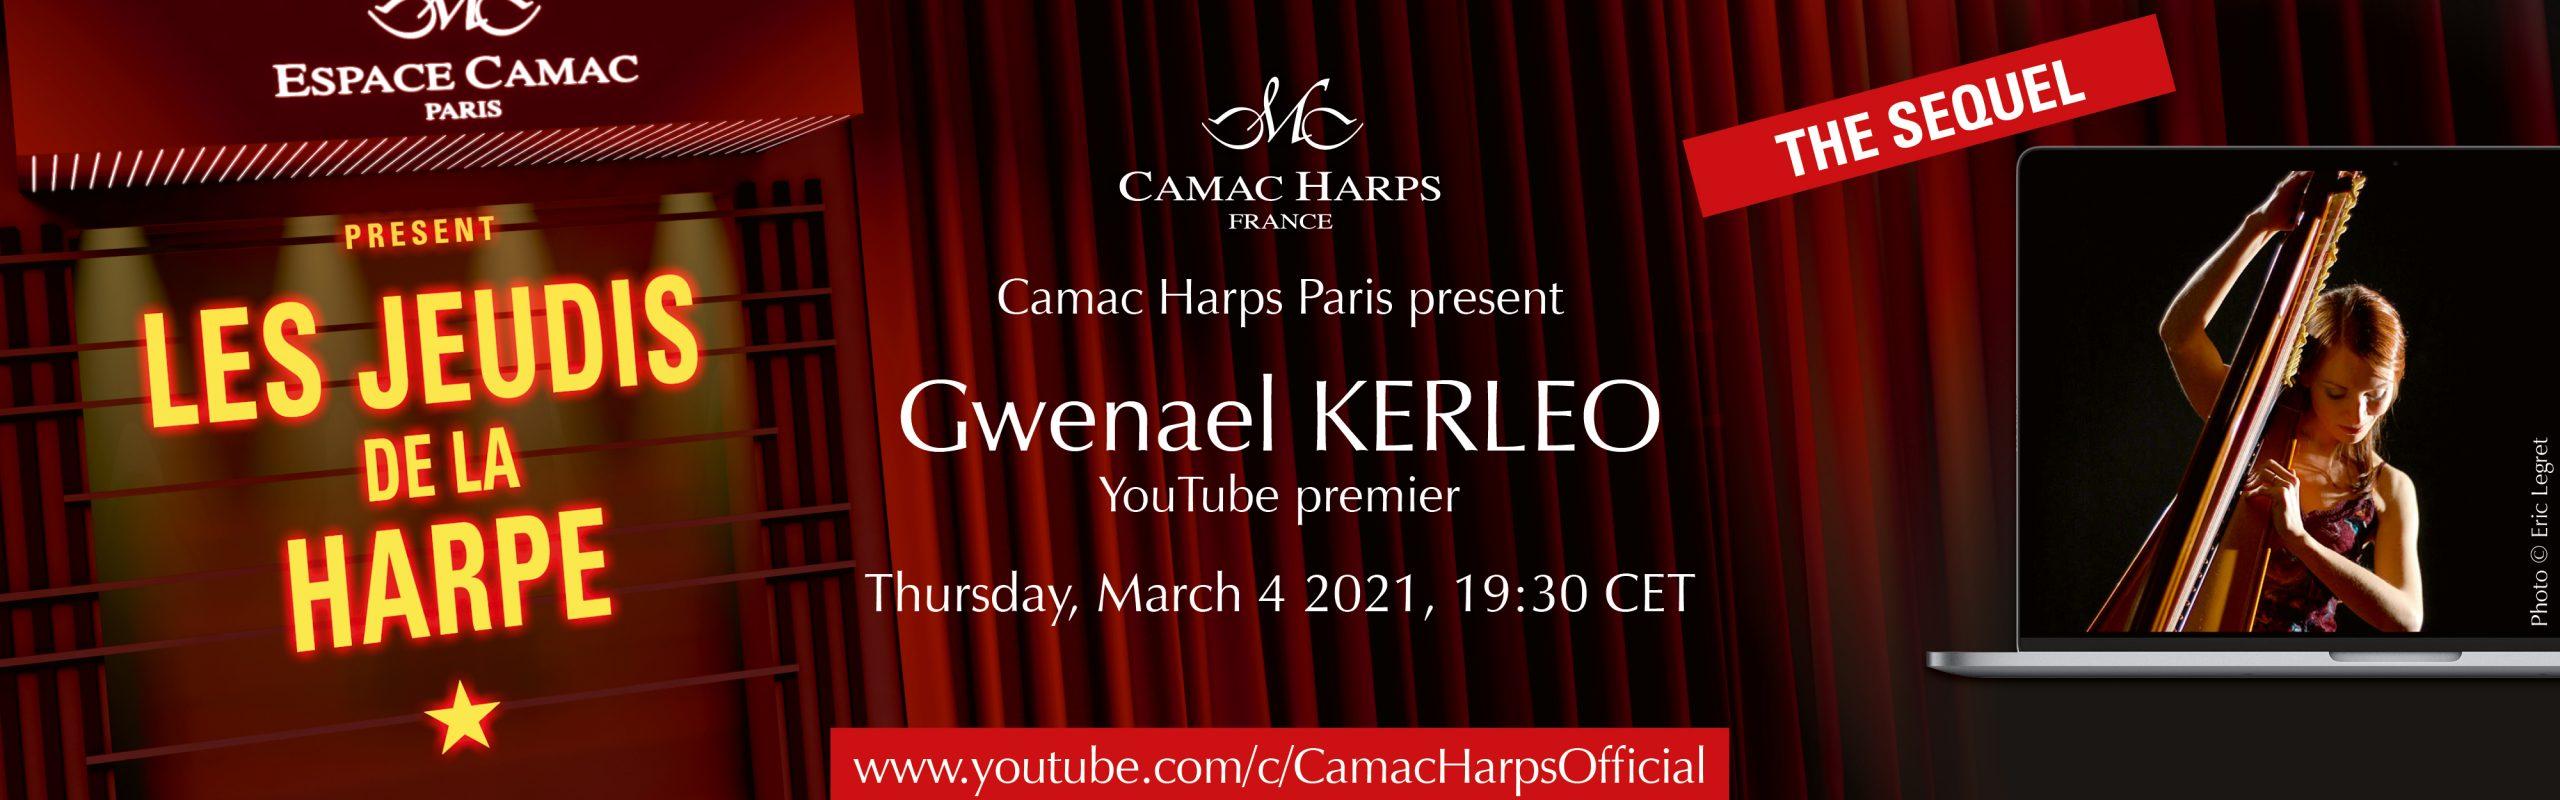 Les Jeudis de la Harpe: Gwenael Kerleo